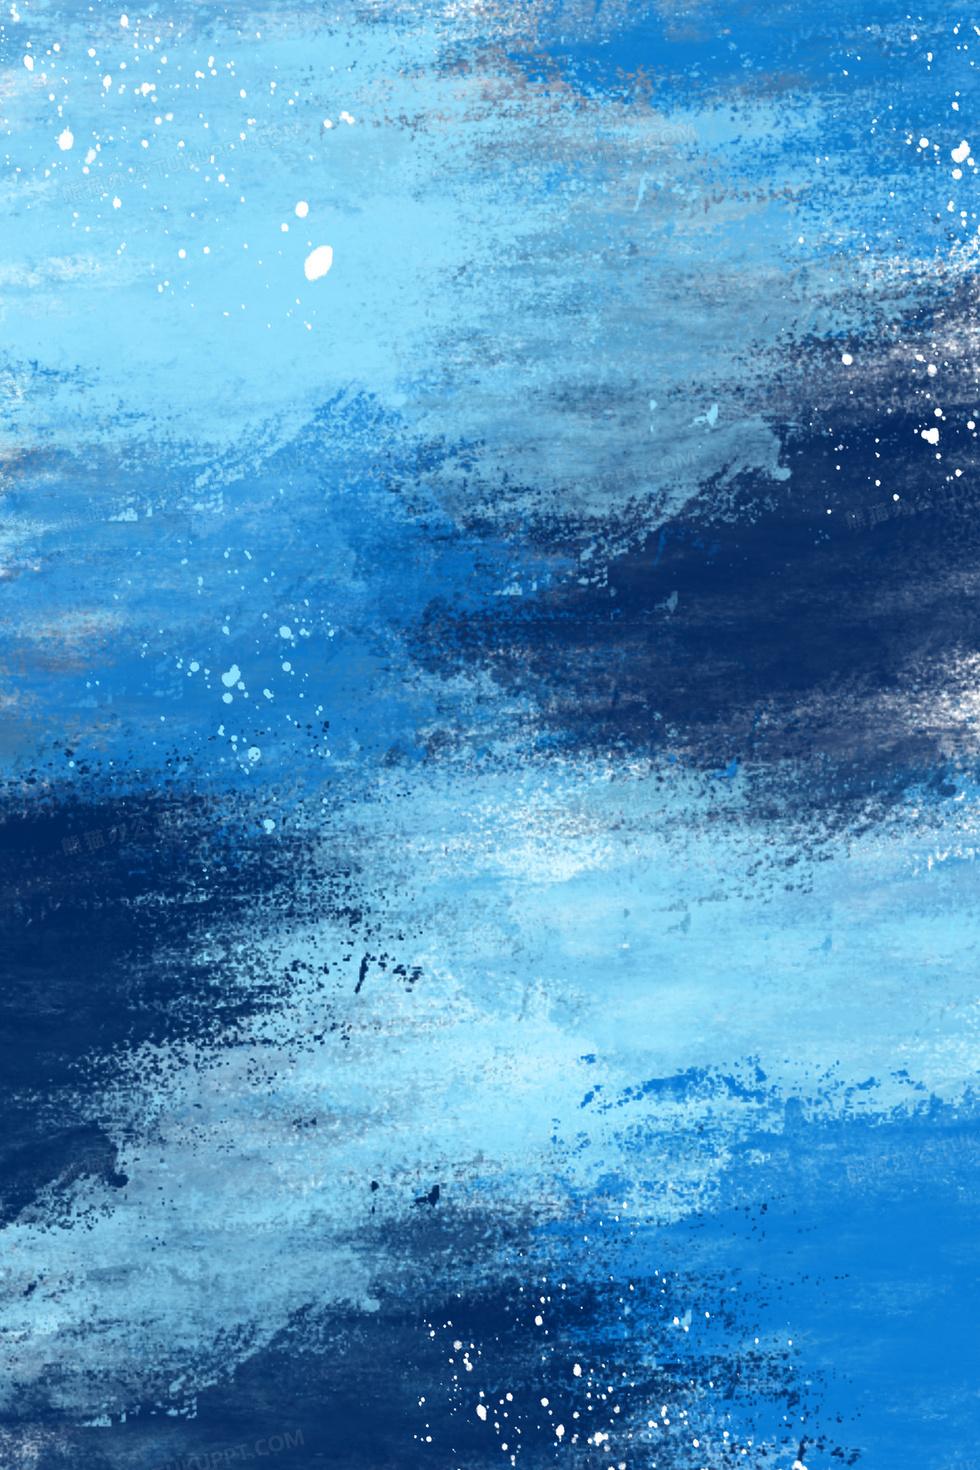 藍色水墨噴濺水彩色塊涂鴉背景圖片素材免費下載_水墨背景_3543*5314像素_【熊貓辦公】